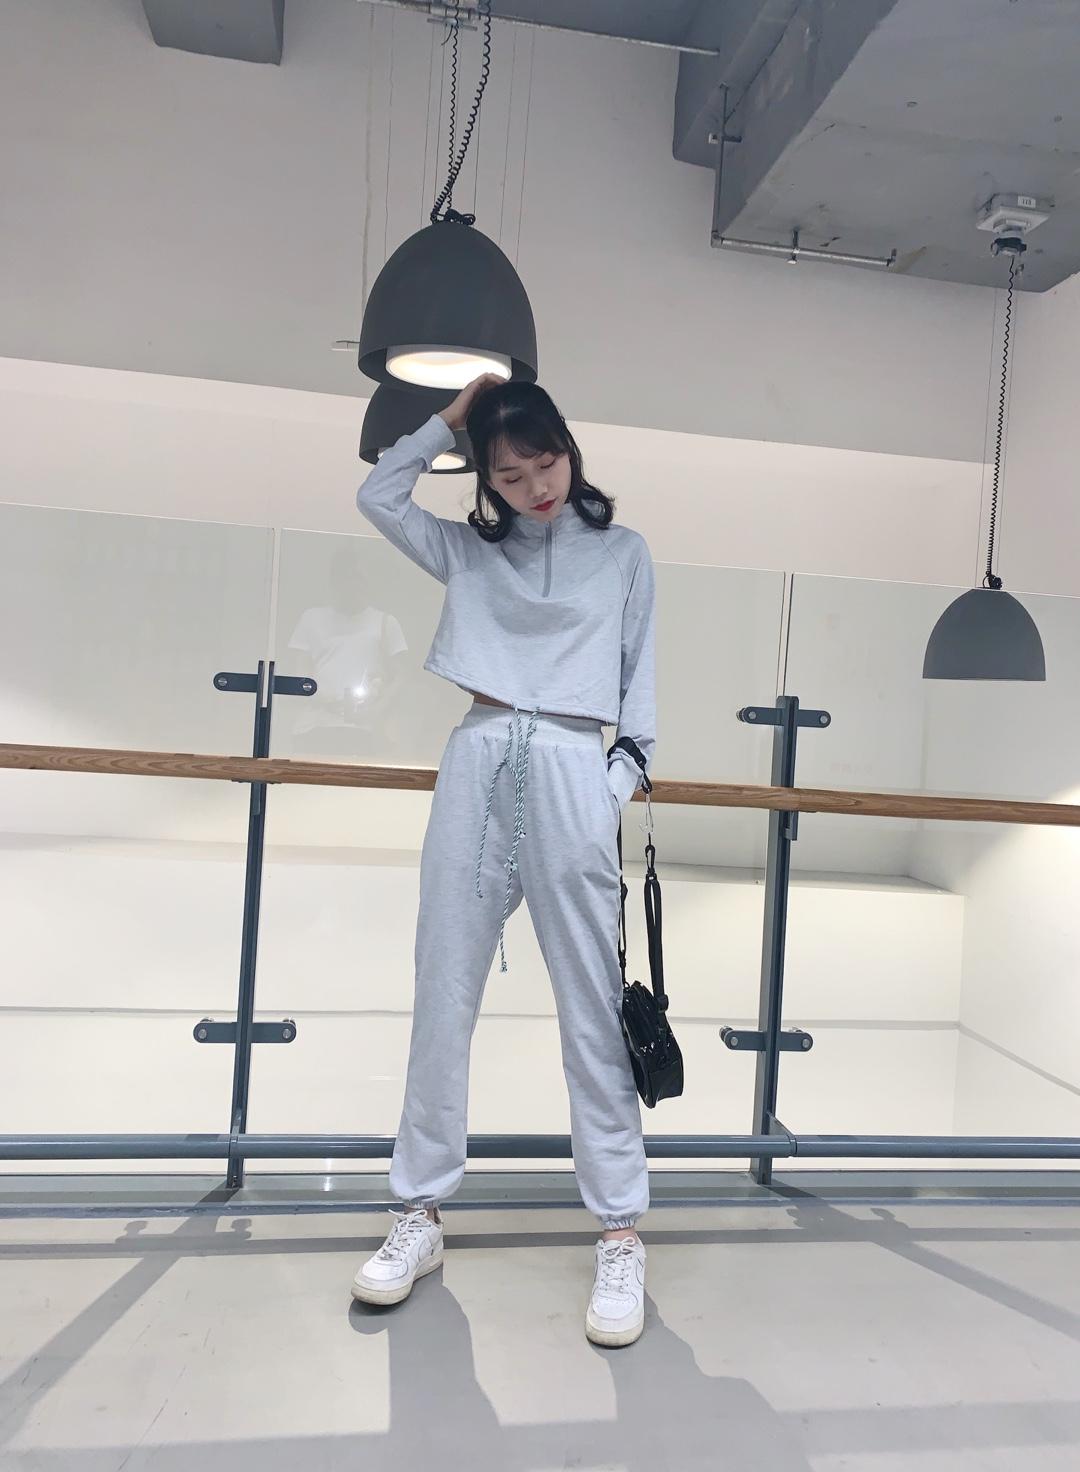 ✘秋季运动套装来袭 ✘小个子也可以驾驭的运动套装 ✘百搭时尚的灰色尽显年轻姿态 ✘短款上衣拉高身材比例 #不好惹女孩穿搭,A爆!#